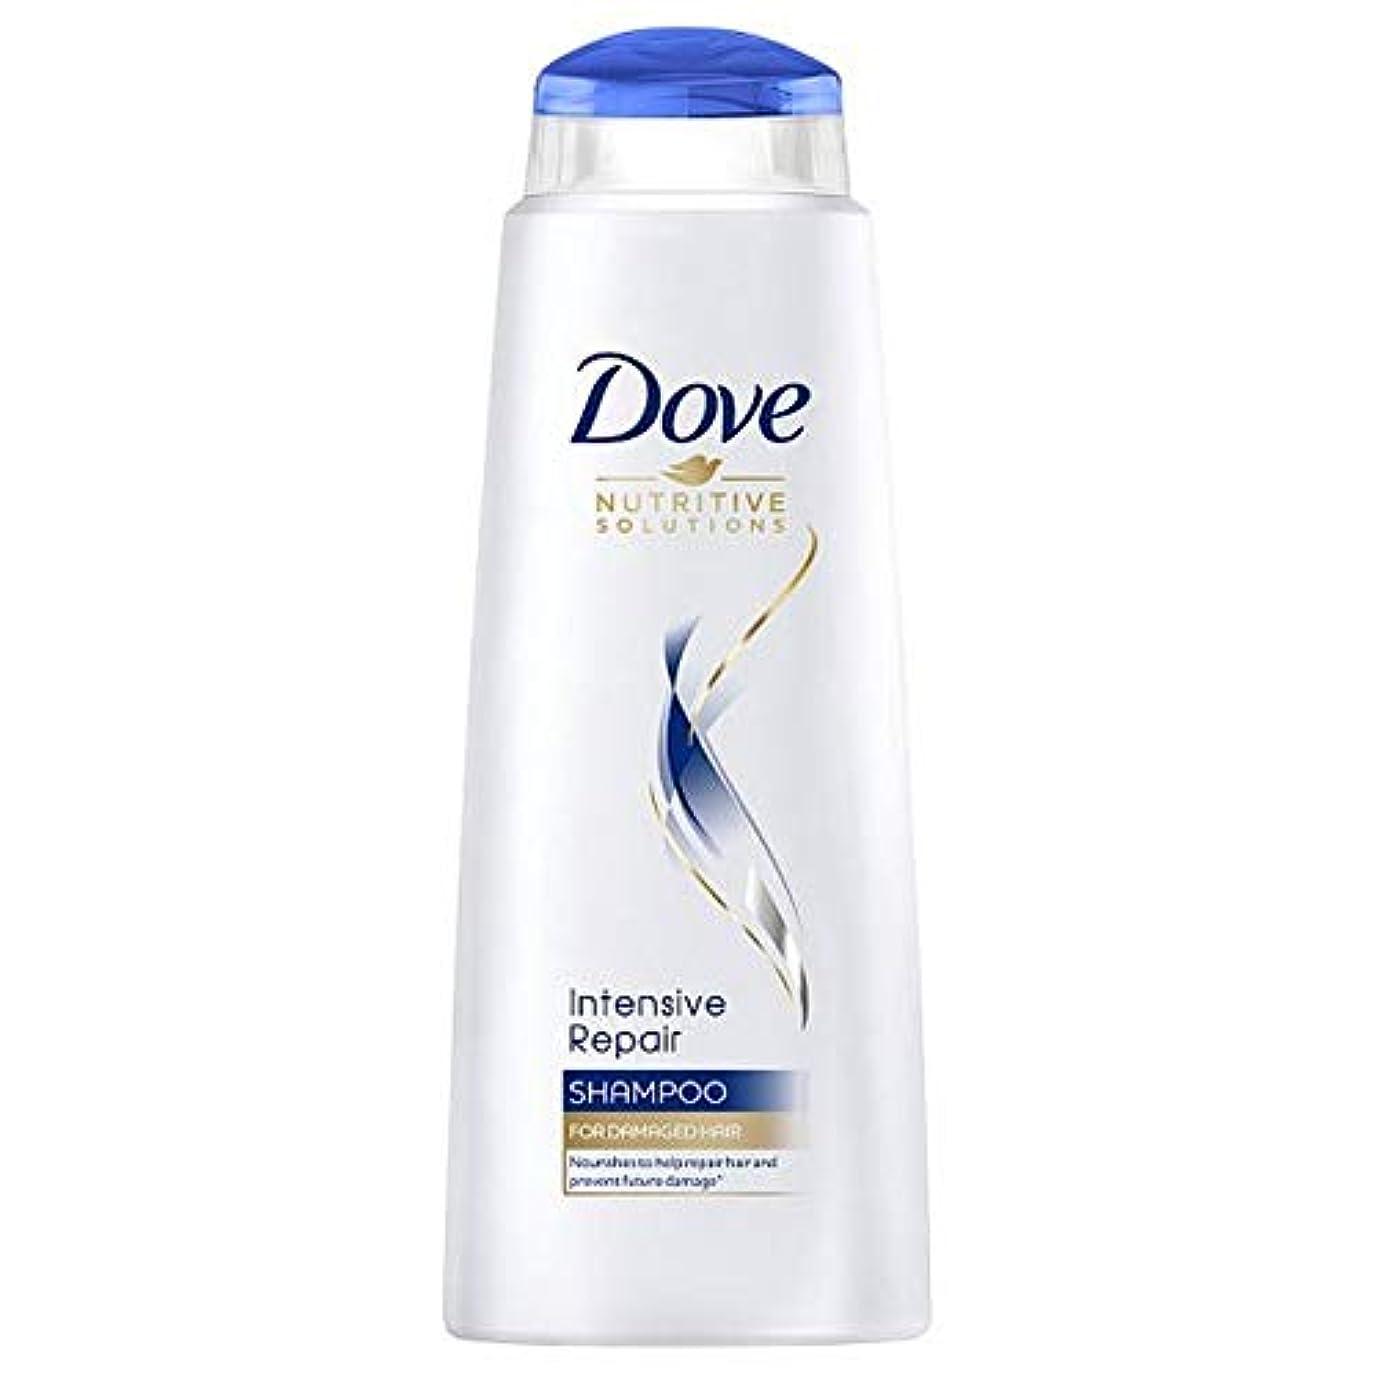 からに変化する地理贅沢[Dove ] 鳩の集中リペアシャンプー400ミリリットル - Dove Intensive Repair Shampoo 400Ml [並行輸入品]